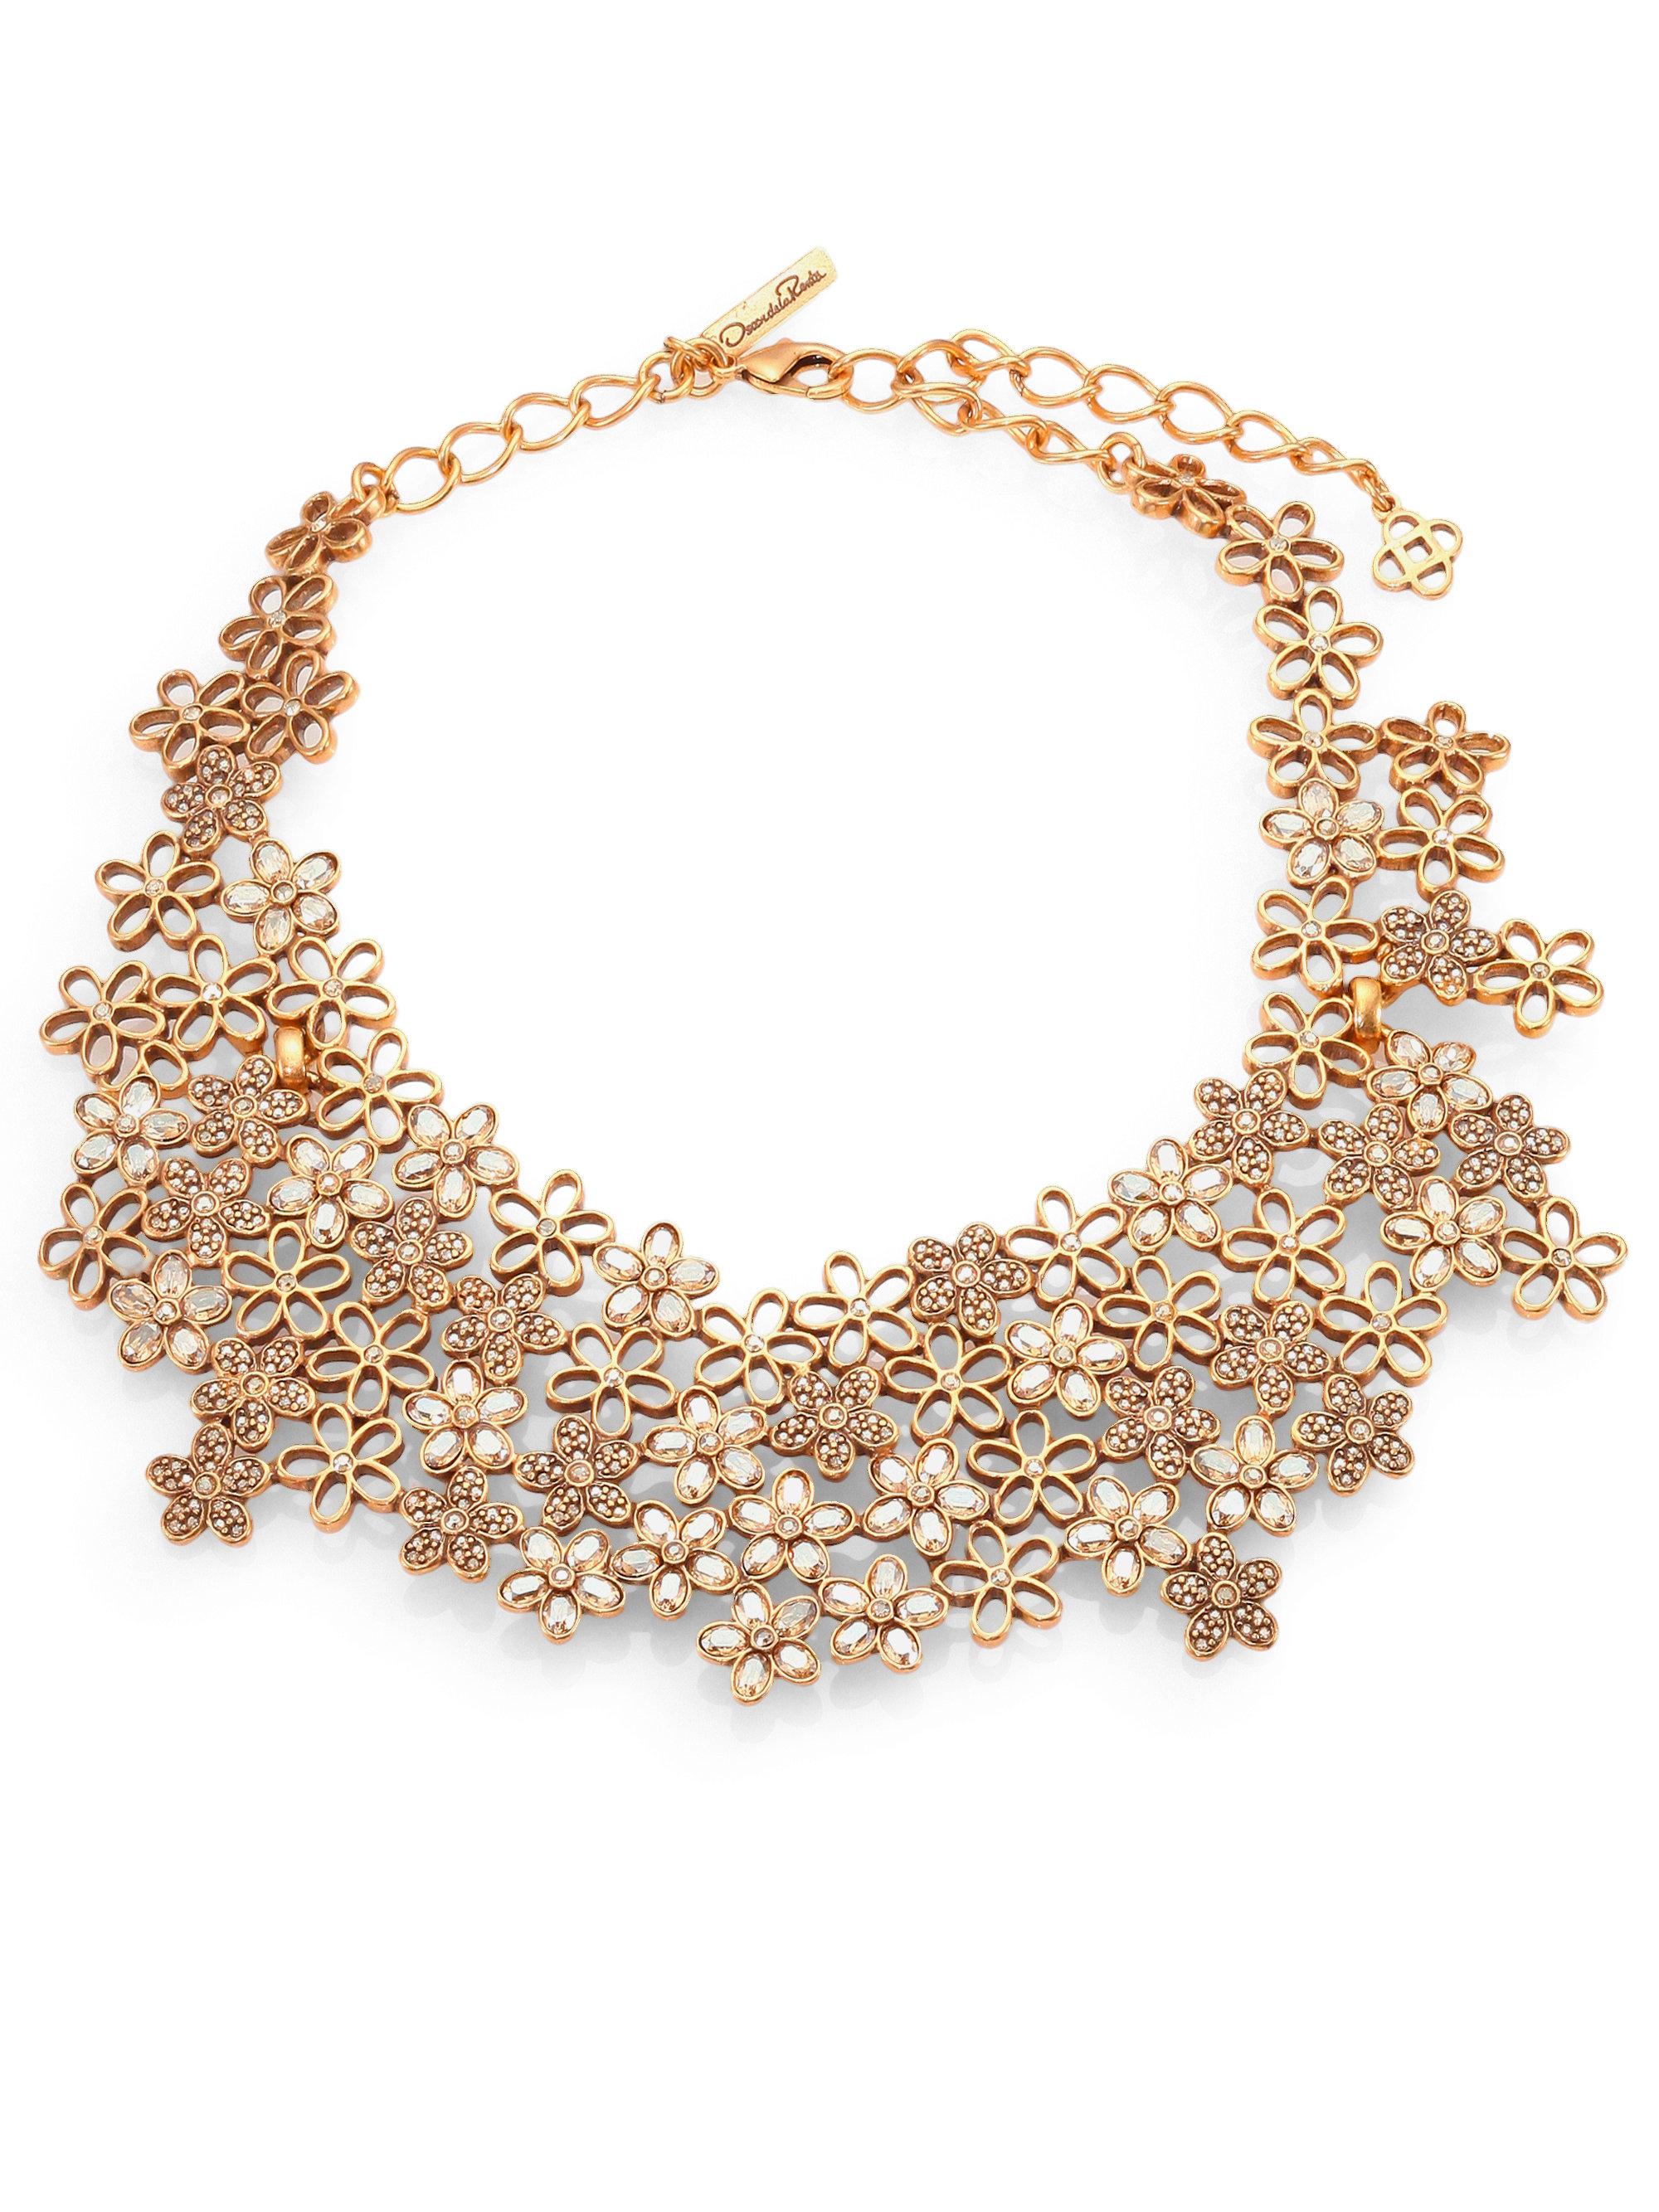 Oscar de la renta Swarovski Crystal Flower Necklace in ...